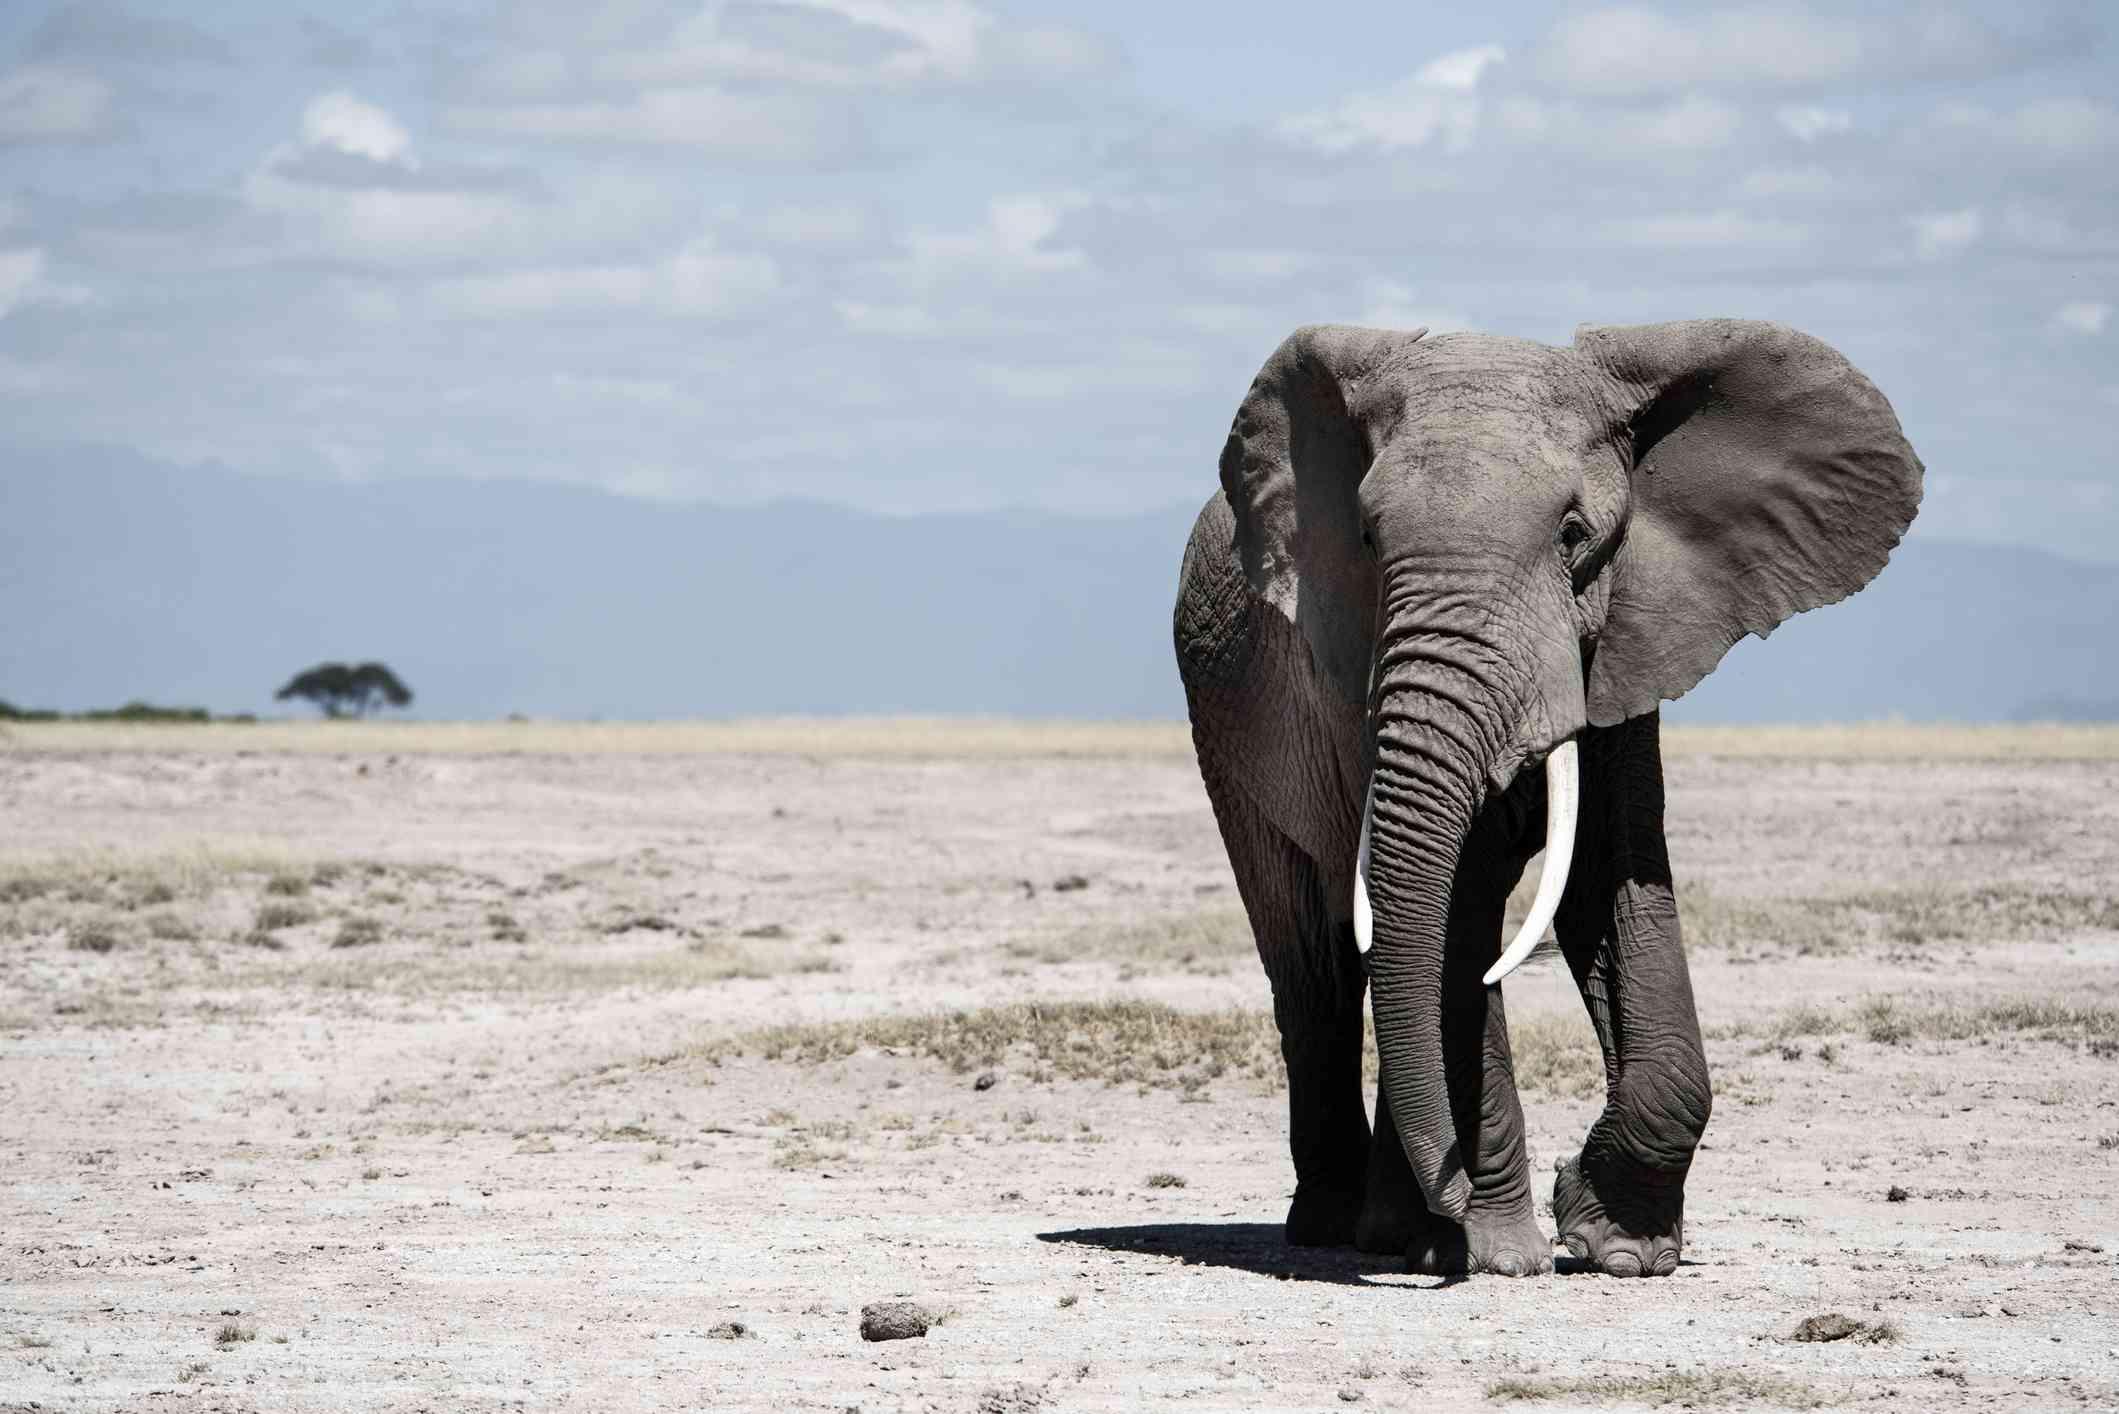 elephant walking in open field against light blue sky